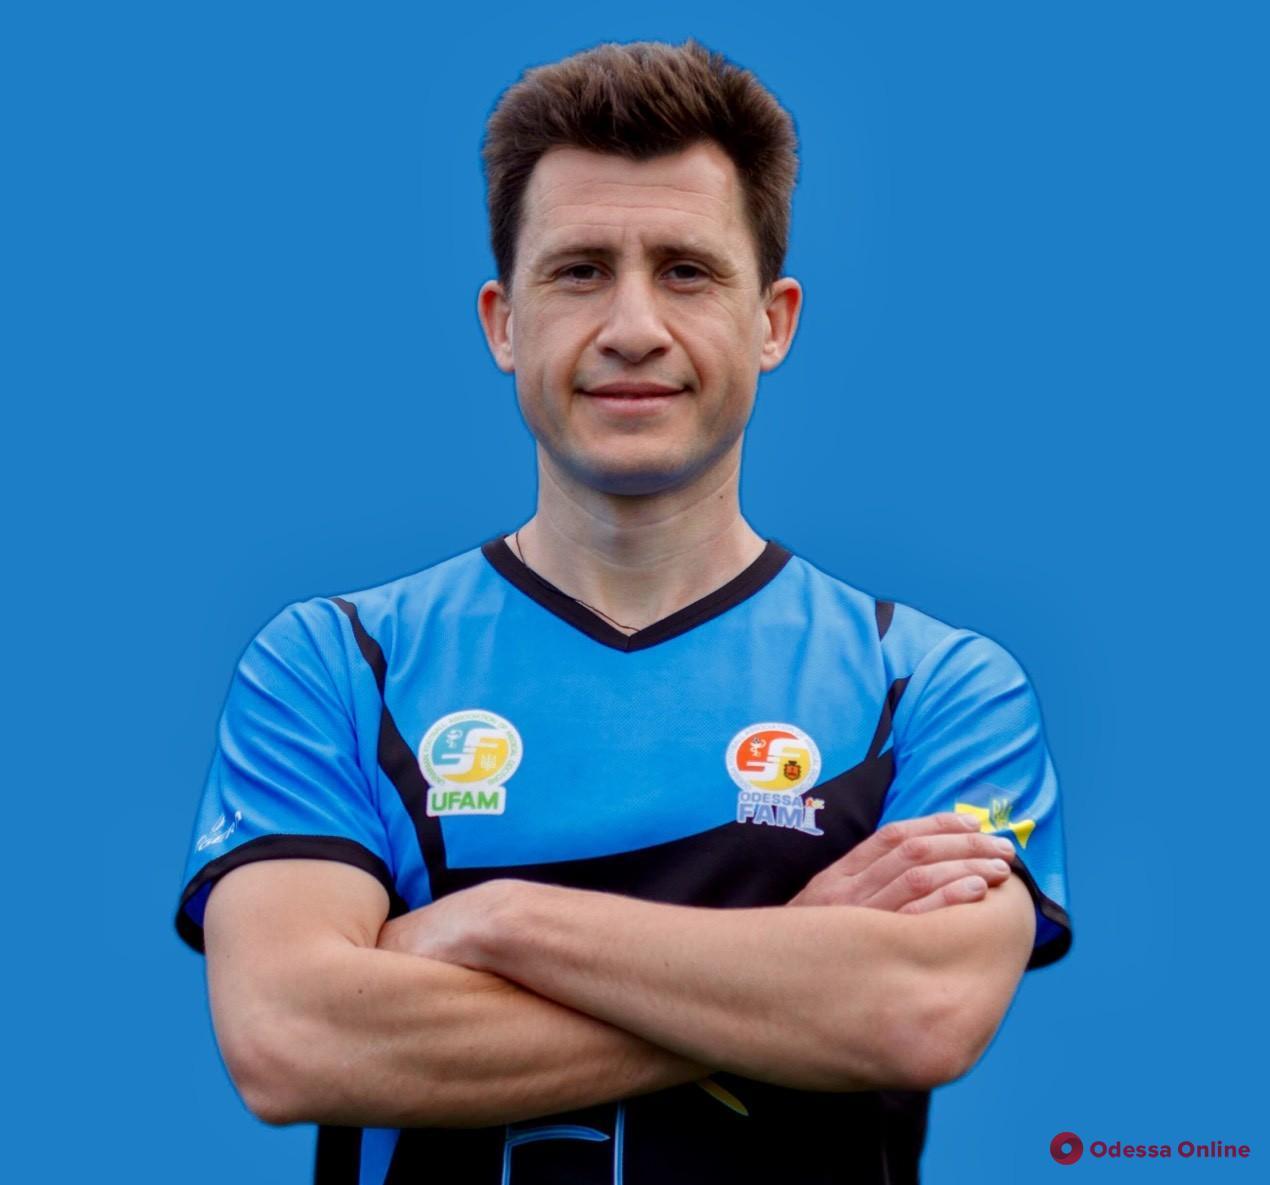 Одесский стоматолог-хирург примет участие в чемпионате мира по футболу